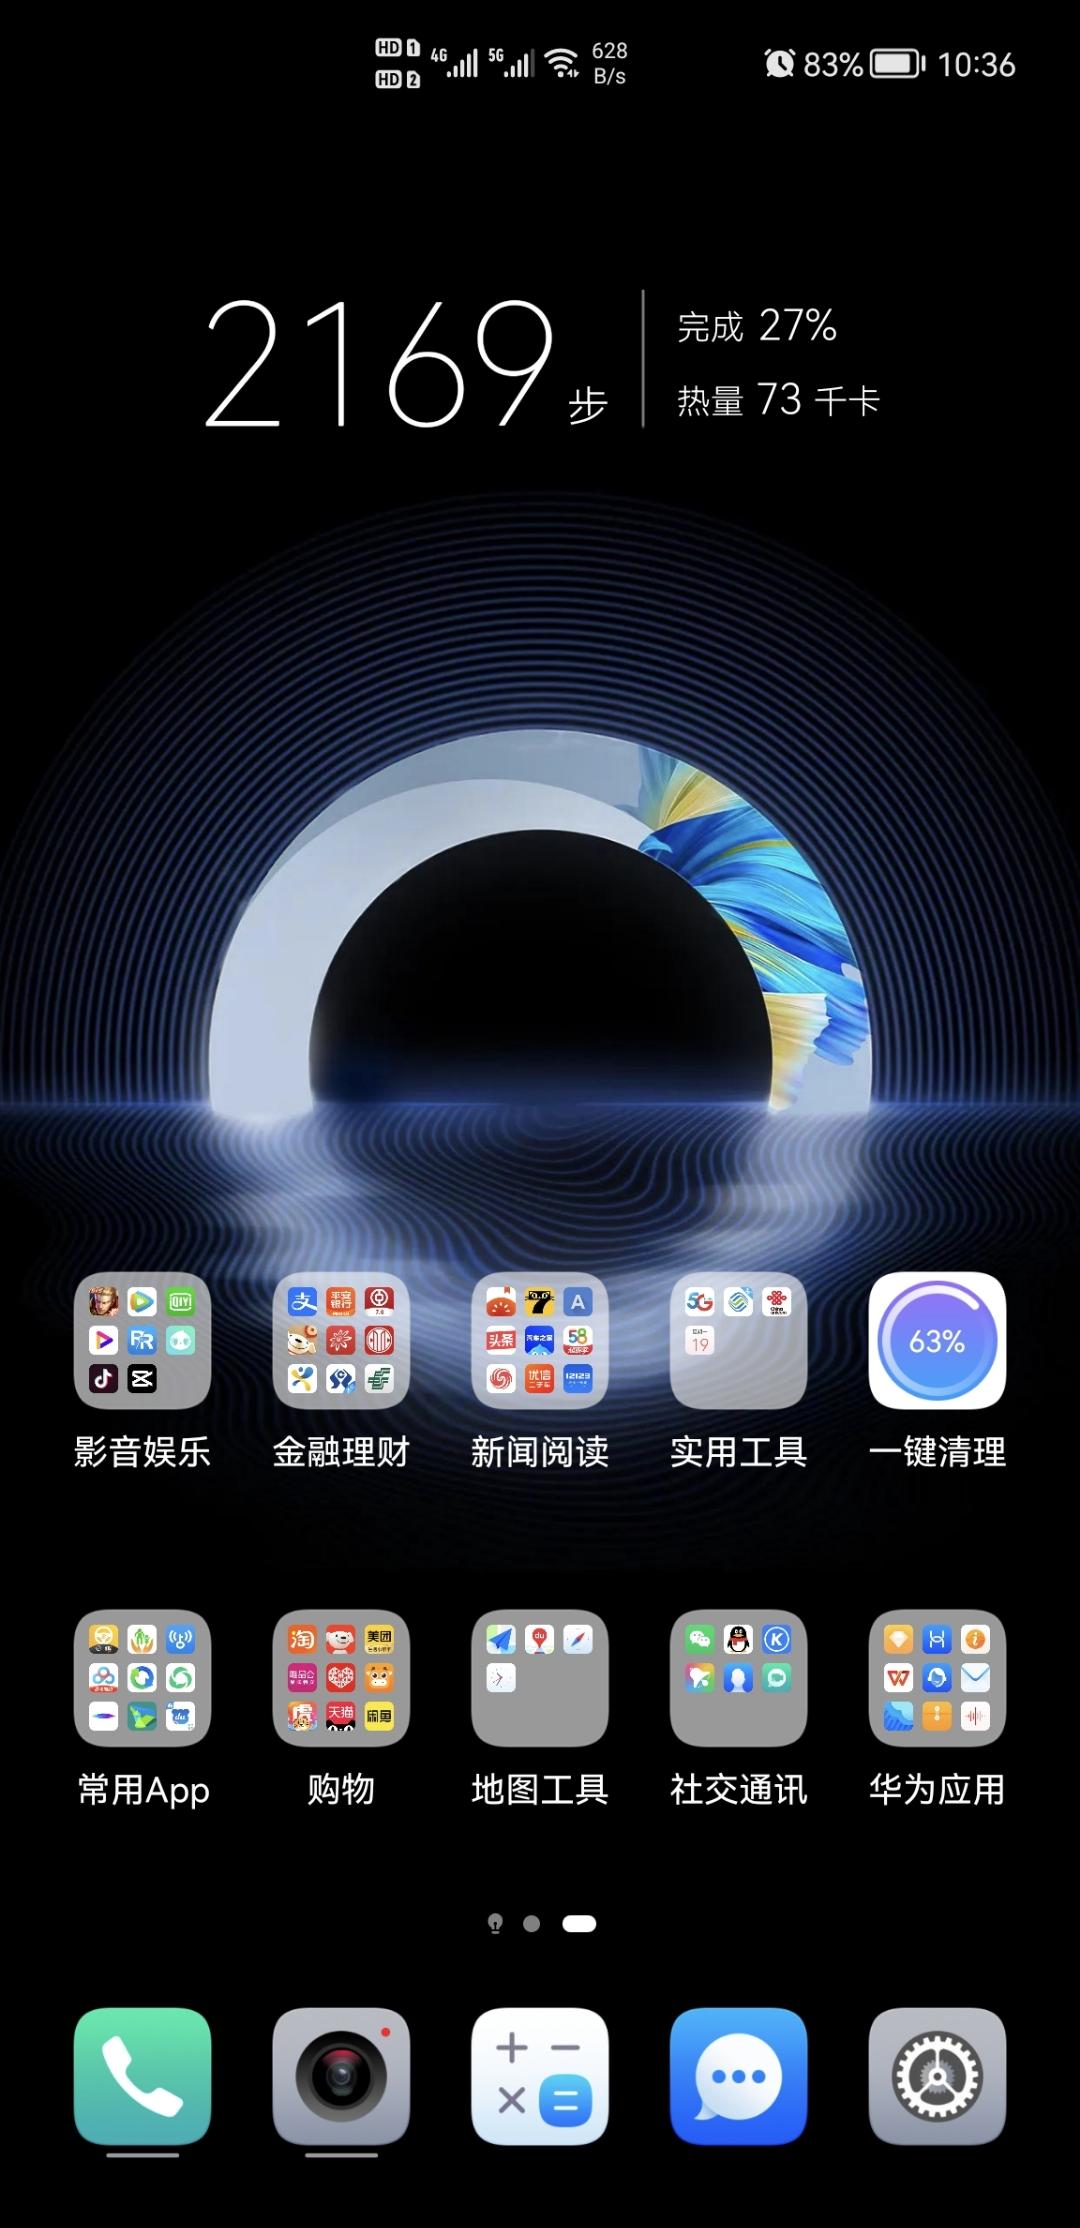 Screenshot_20210719_103629_com.huawei.android.launcher.jpg